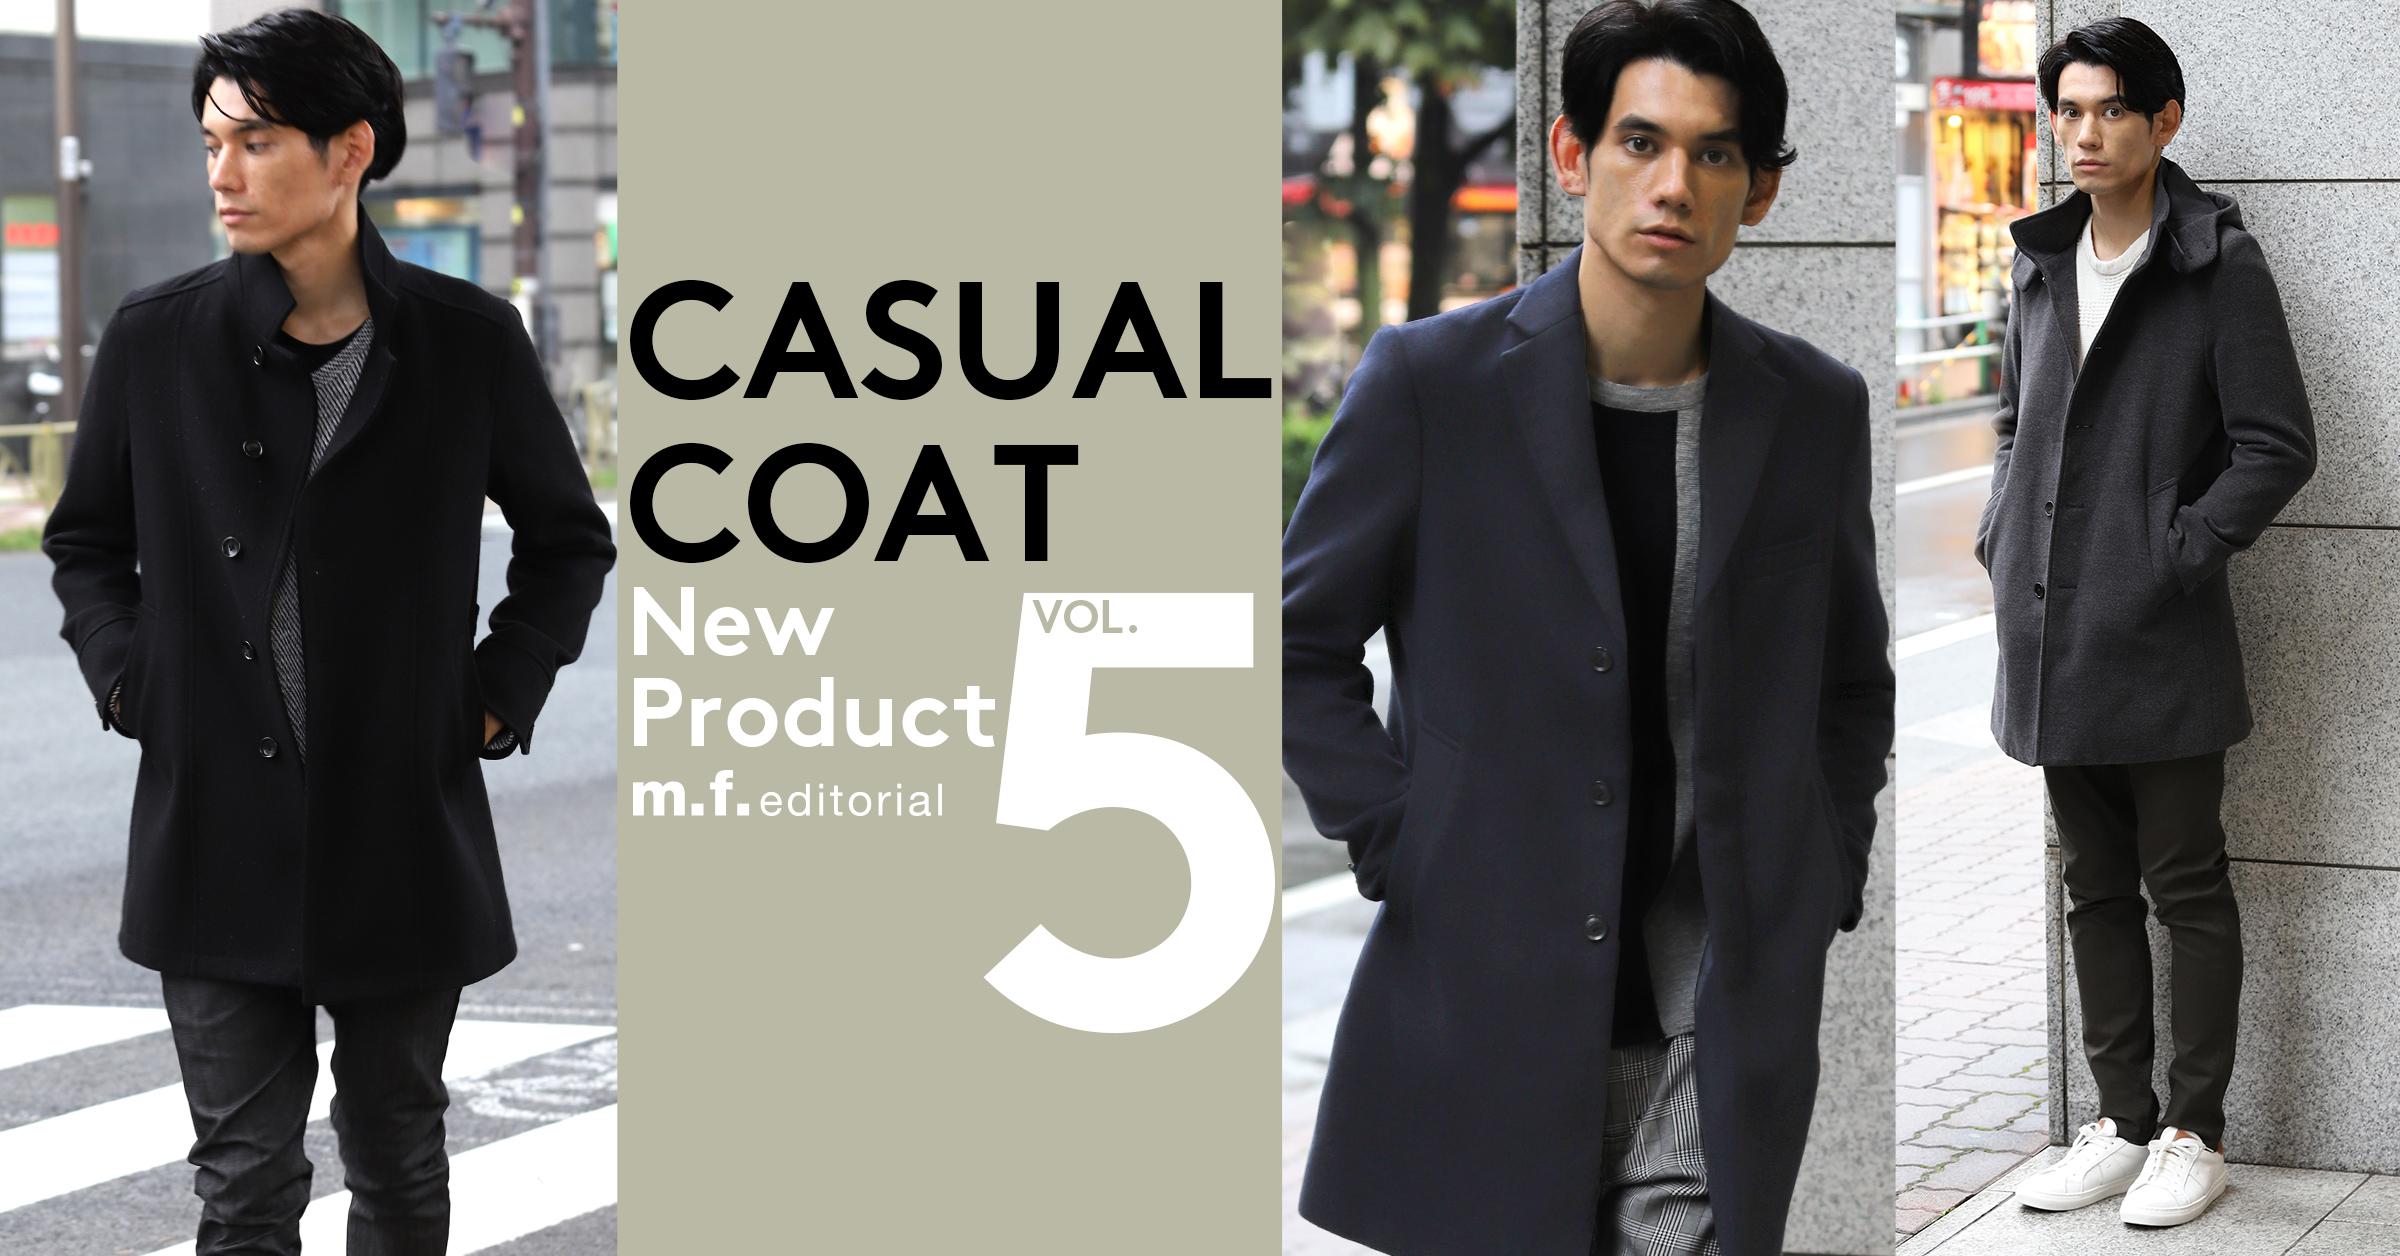 今年の冬をガラッと変える!あると便利な軽く羽織れるコート